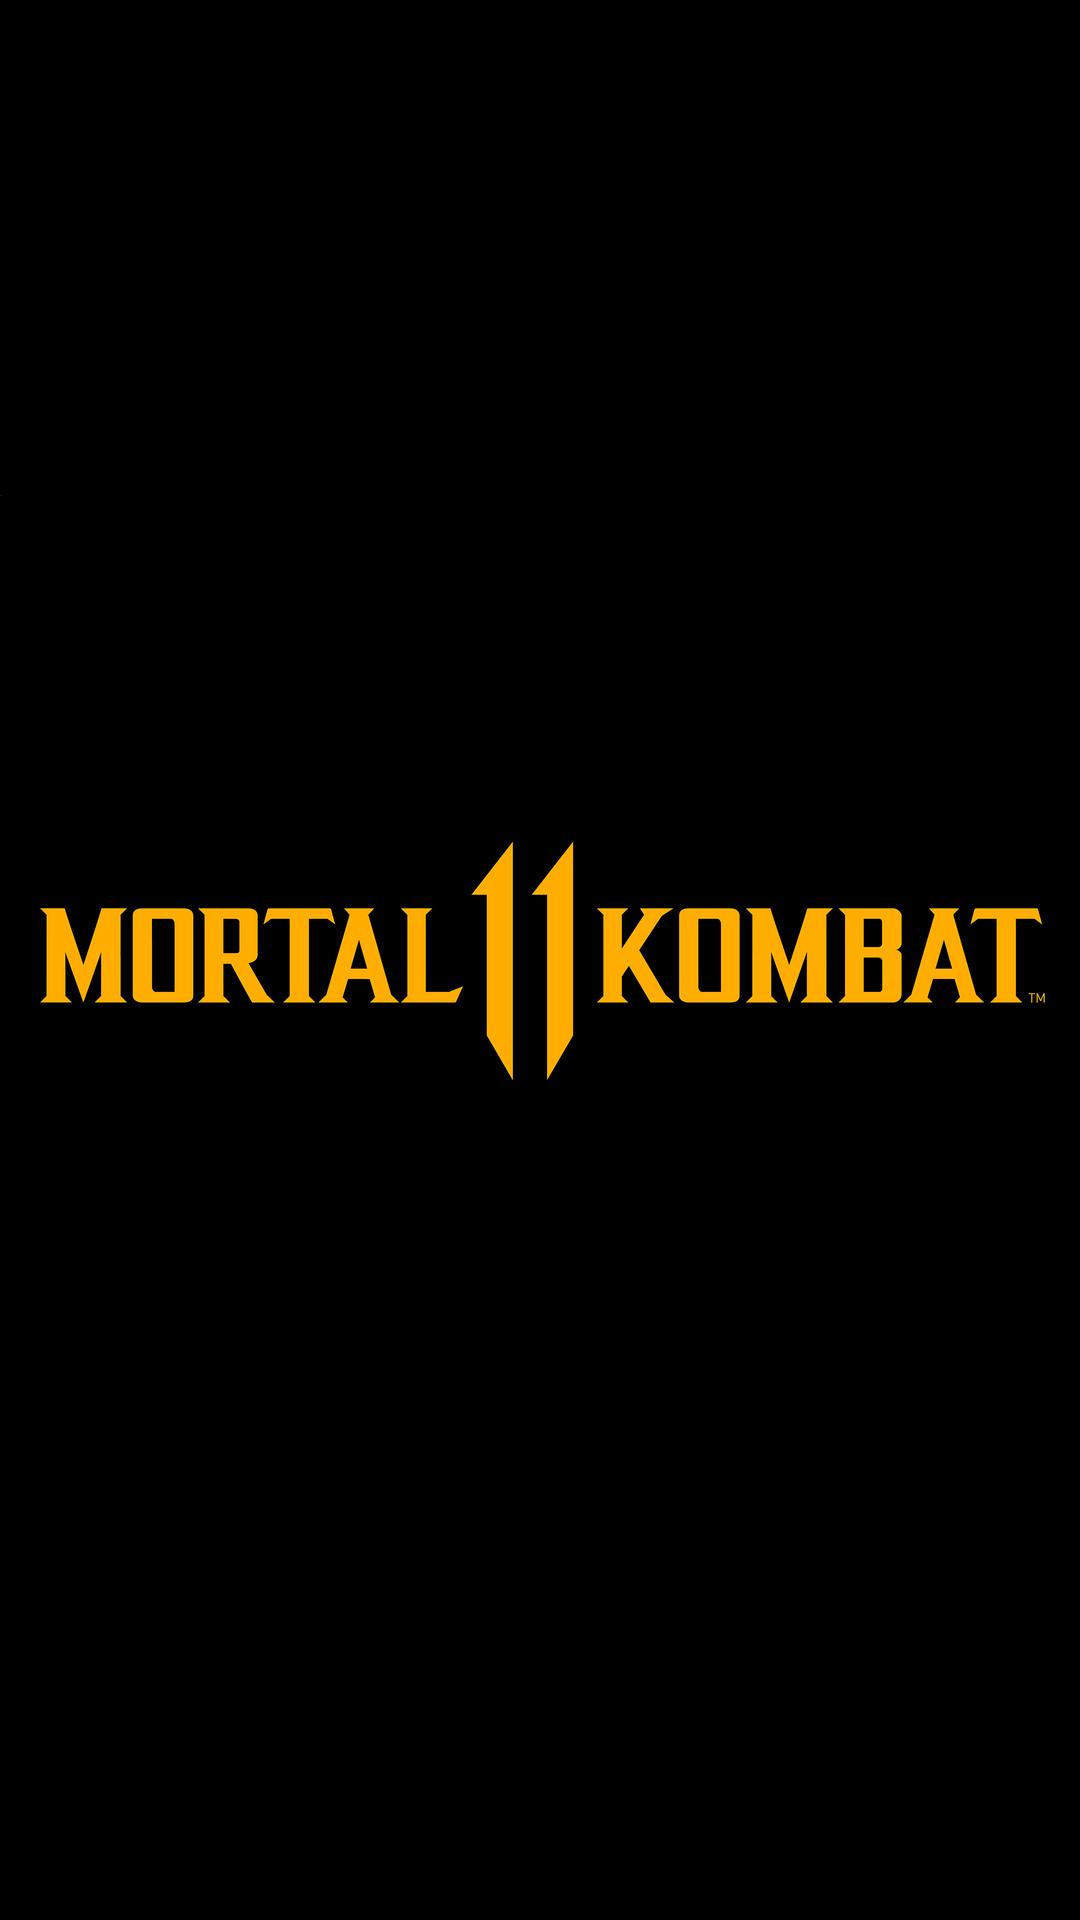 mortal-kombat-11-logo-dark-black-8k-0z.jpg